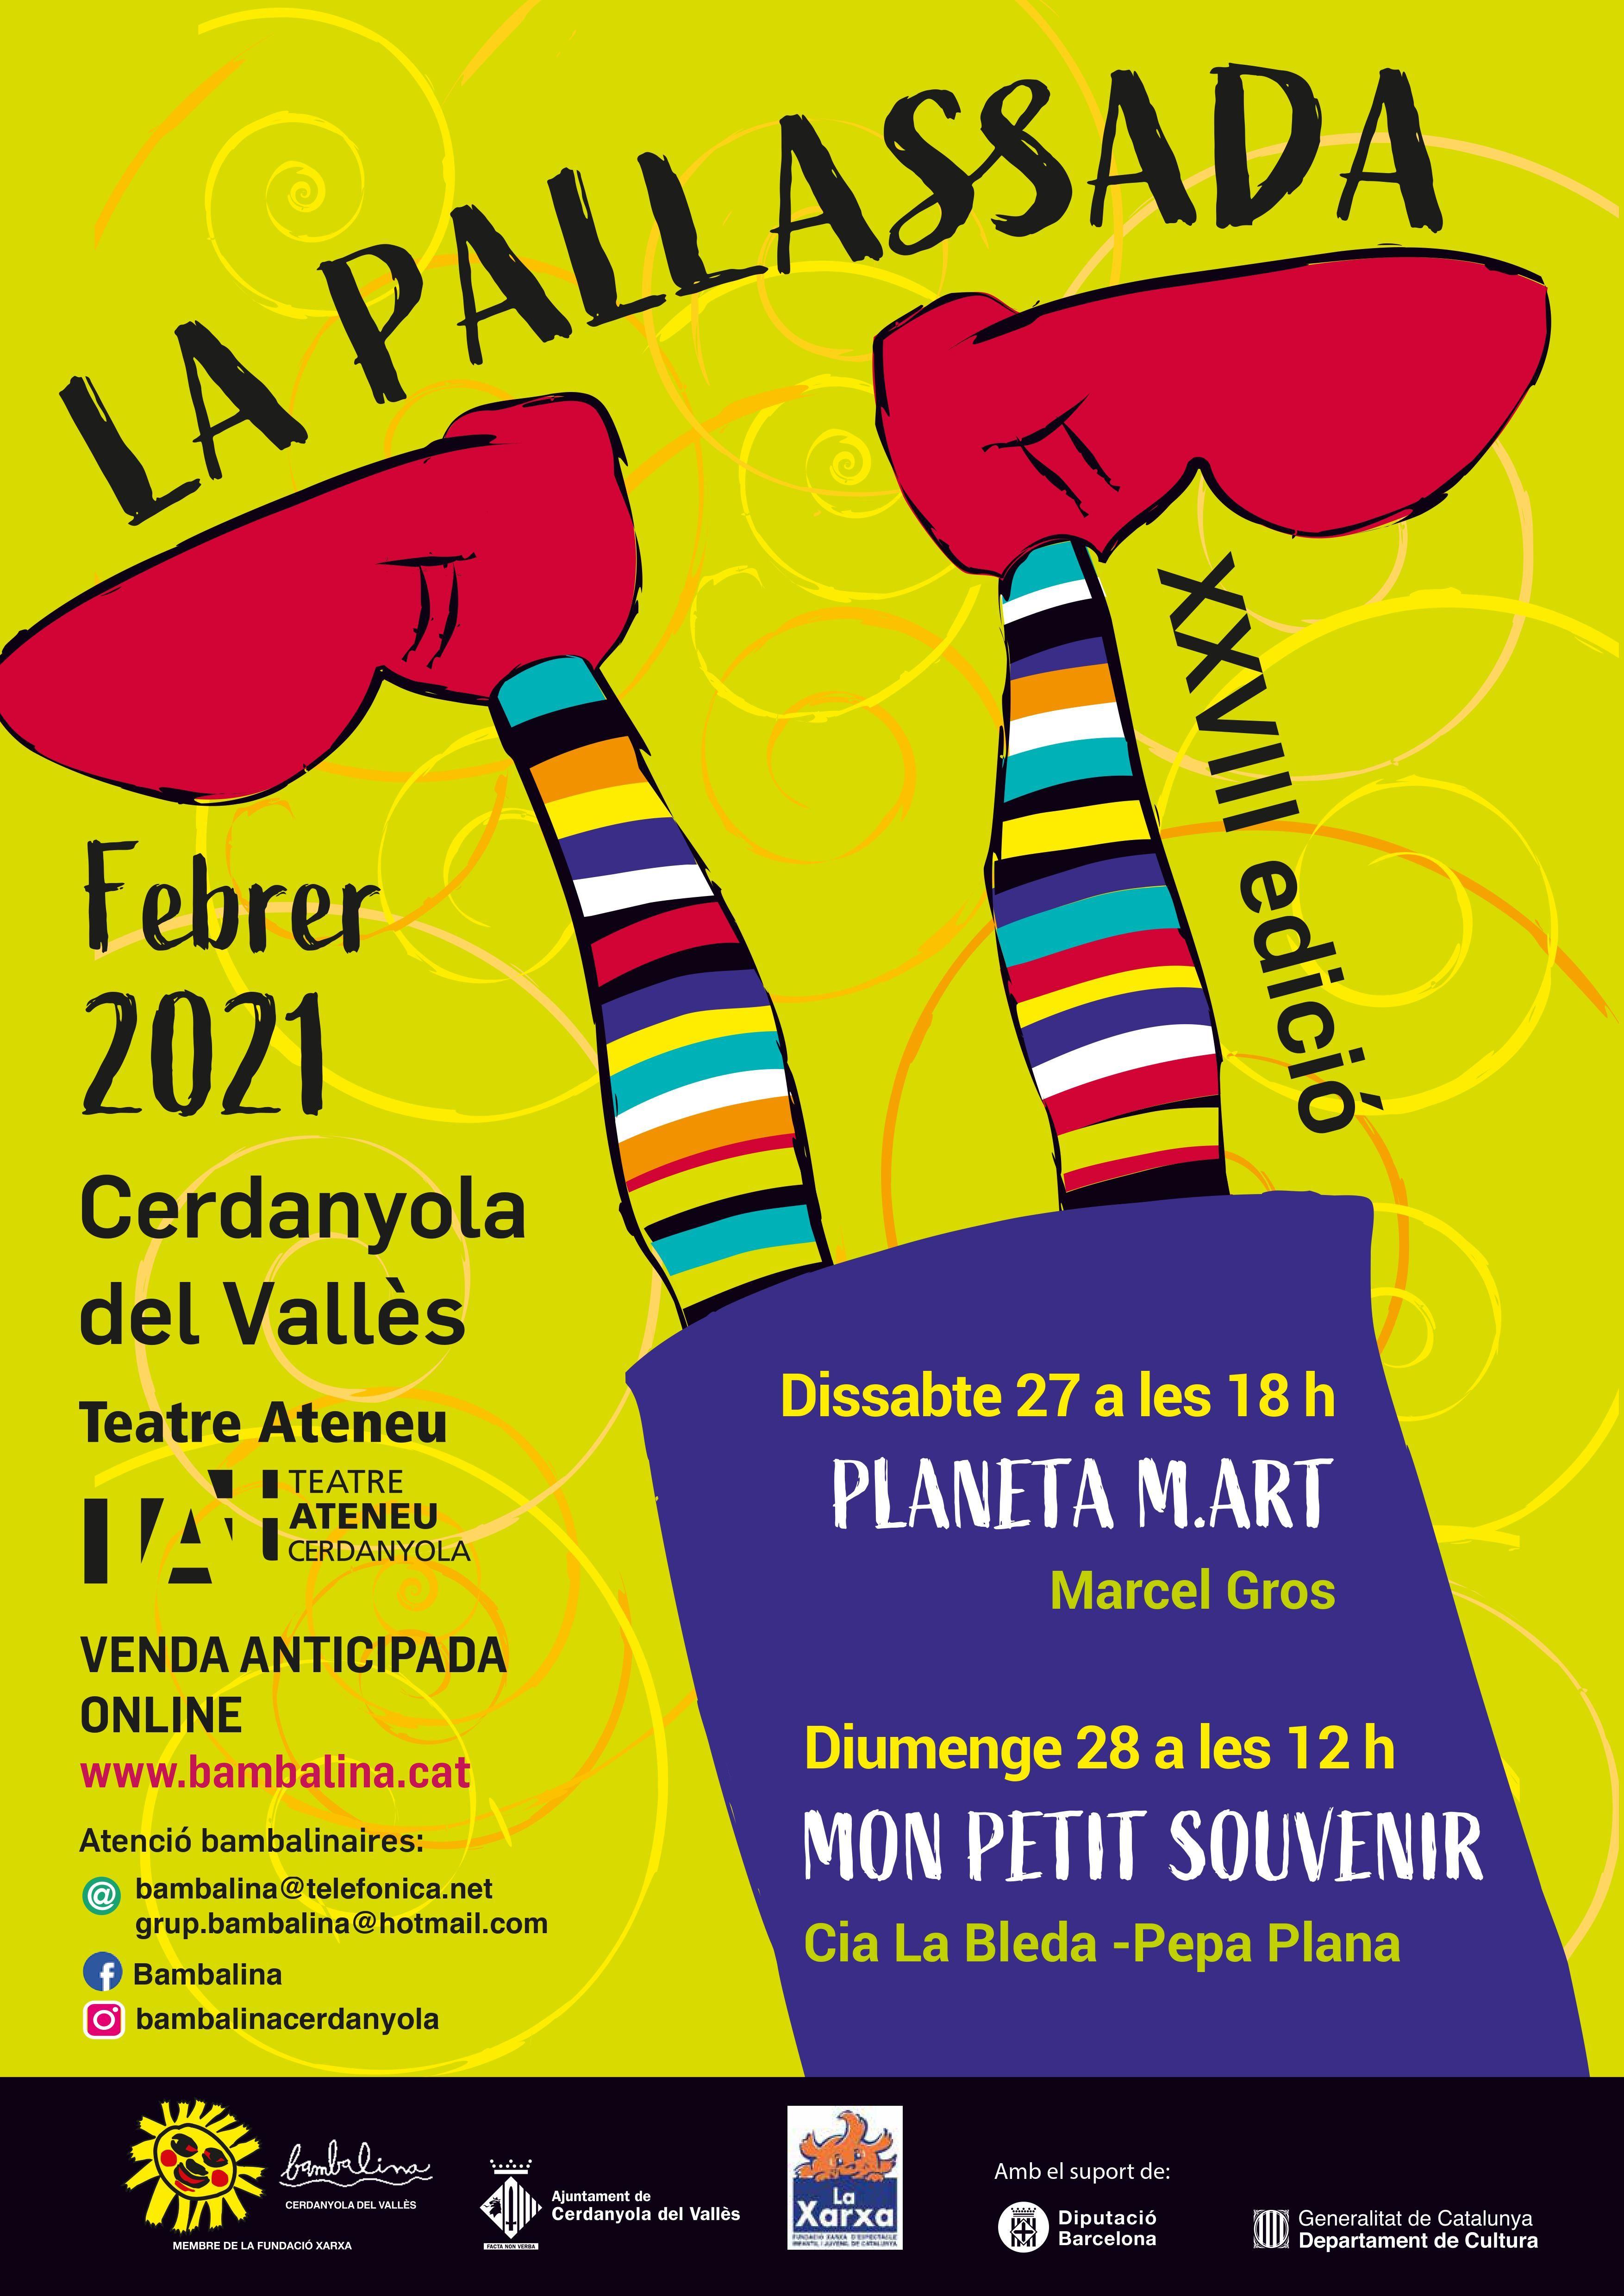 cartell de La Pallassada